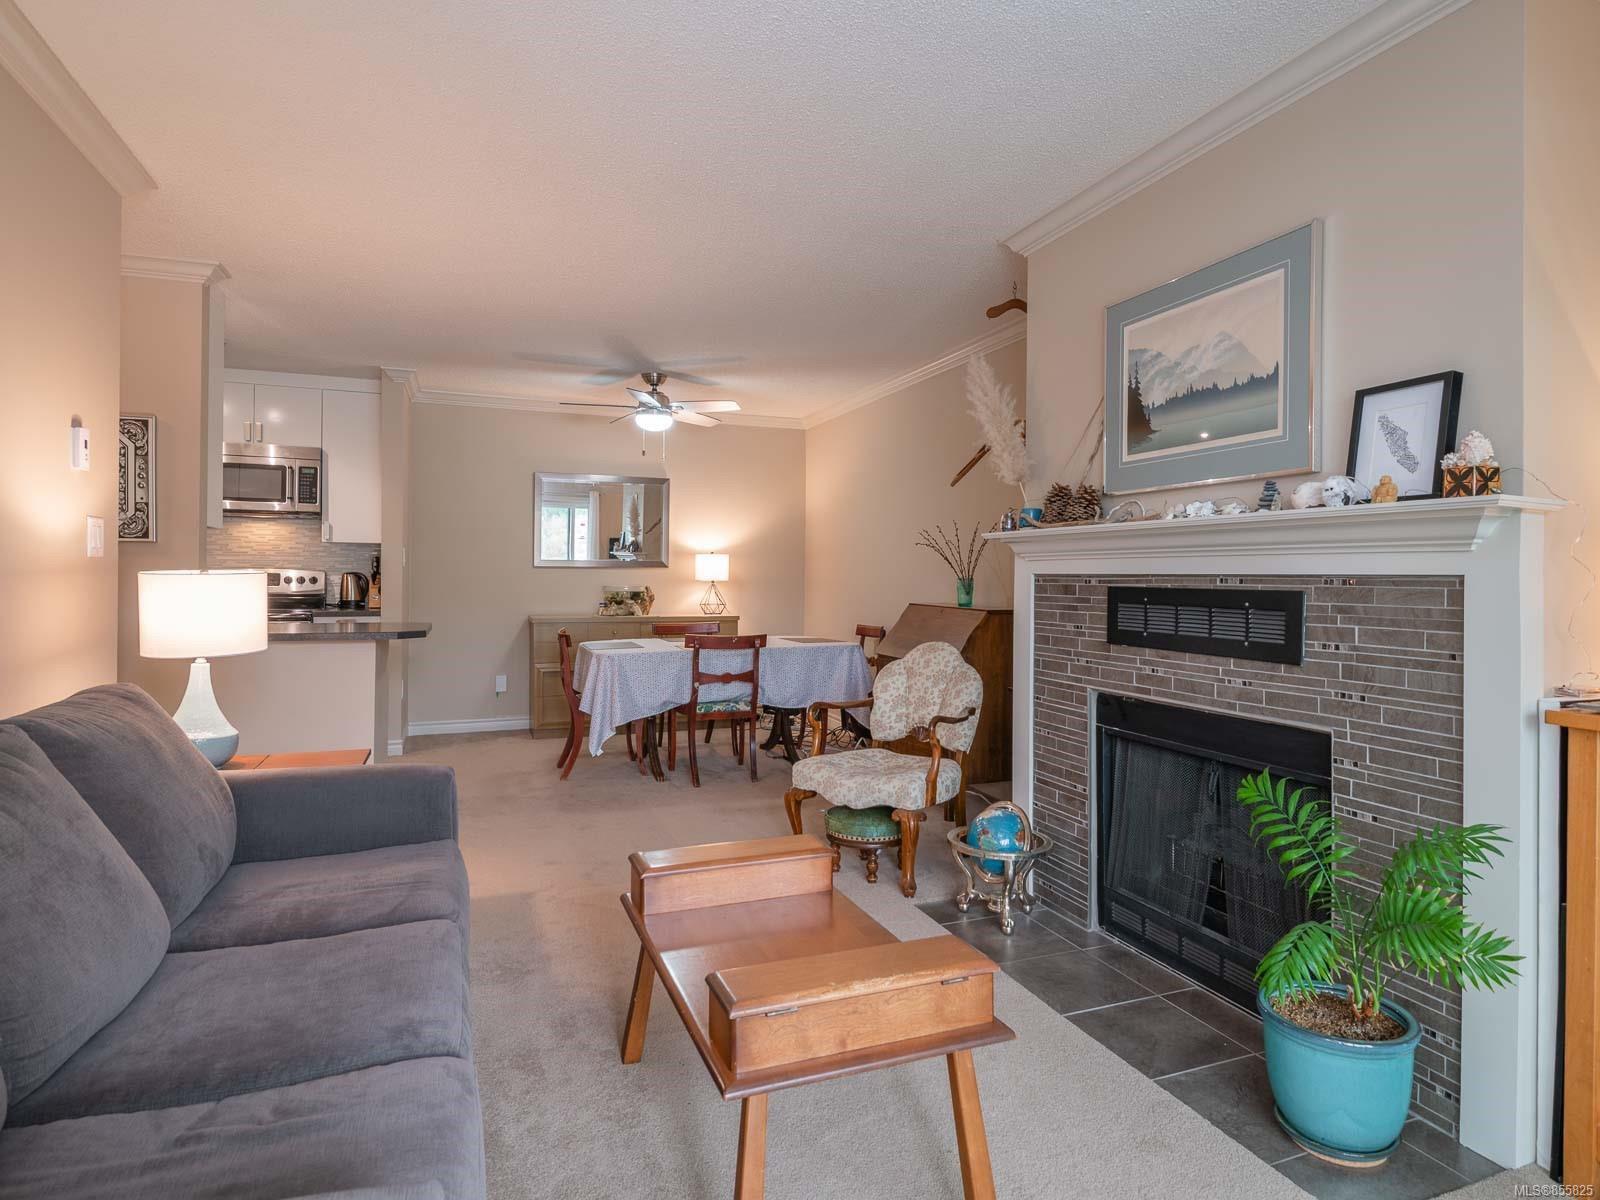 Main Photo: 406 9942 Daniel St in : Du Chemainus Condo Apartment for sale (Duncan)  : MLS®# 855825